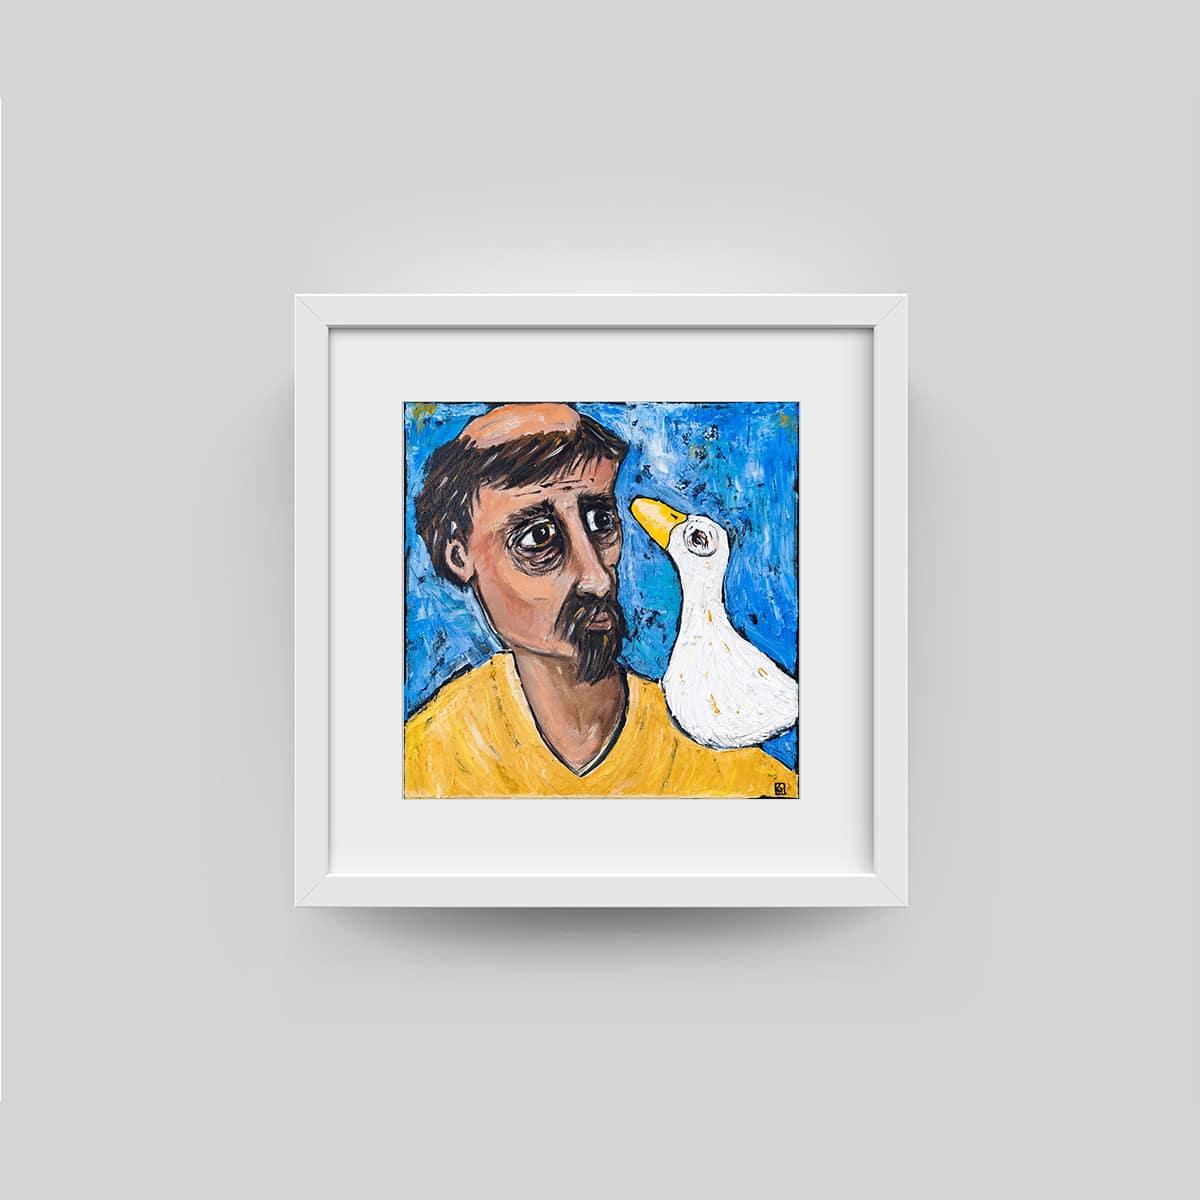 karen grey art framed